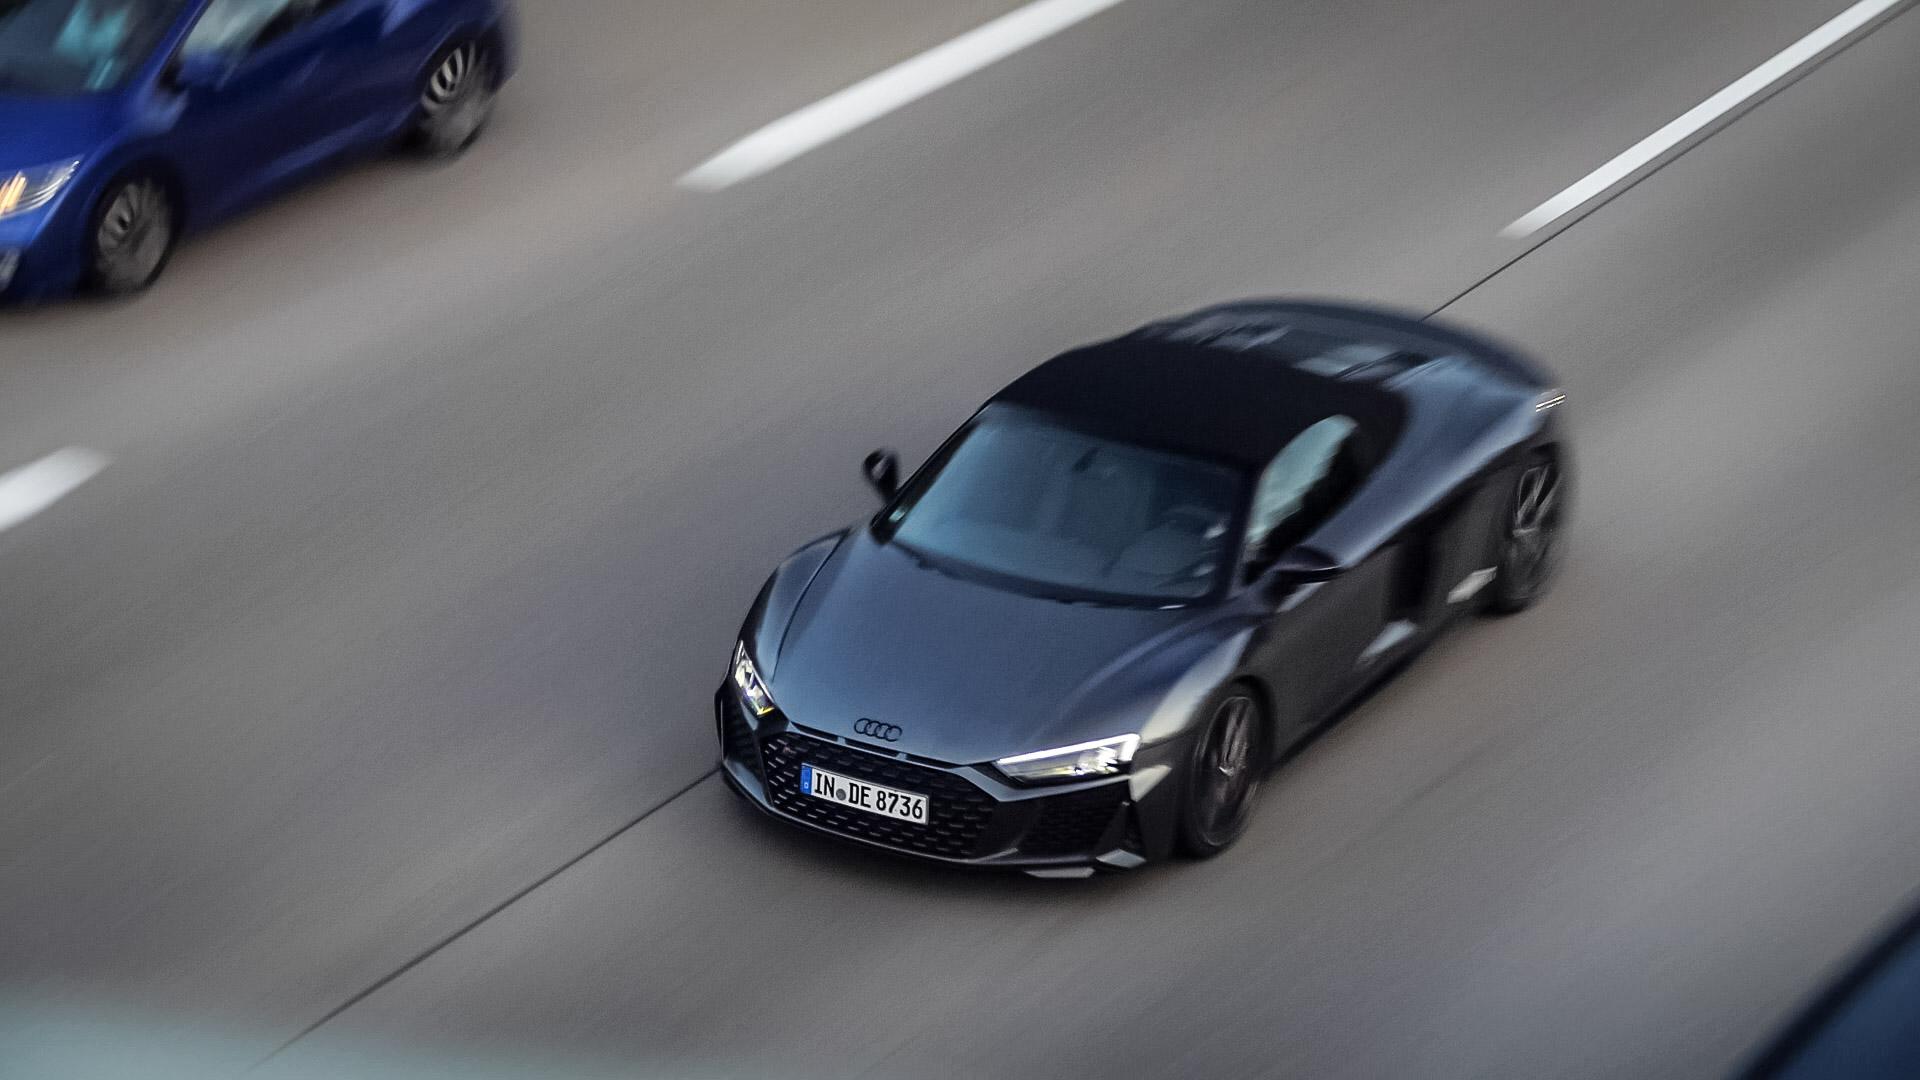 Audi R8 V10 Spyder - IN-DE-8736